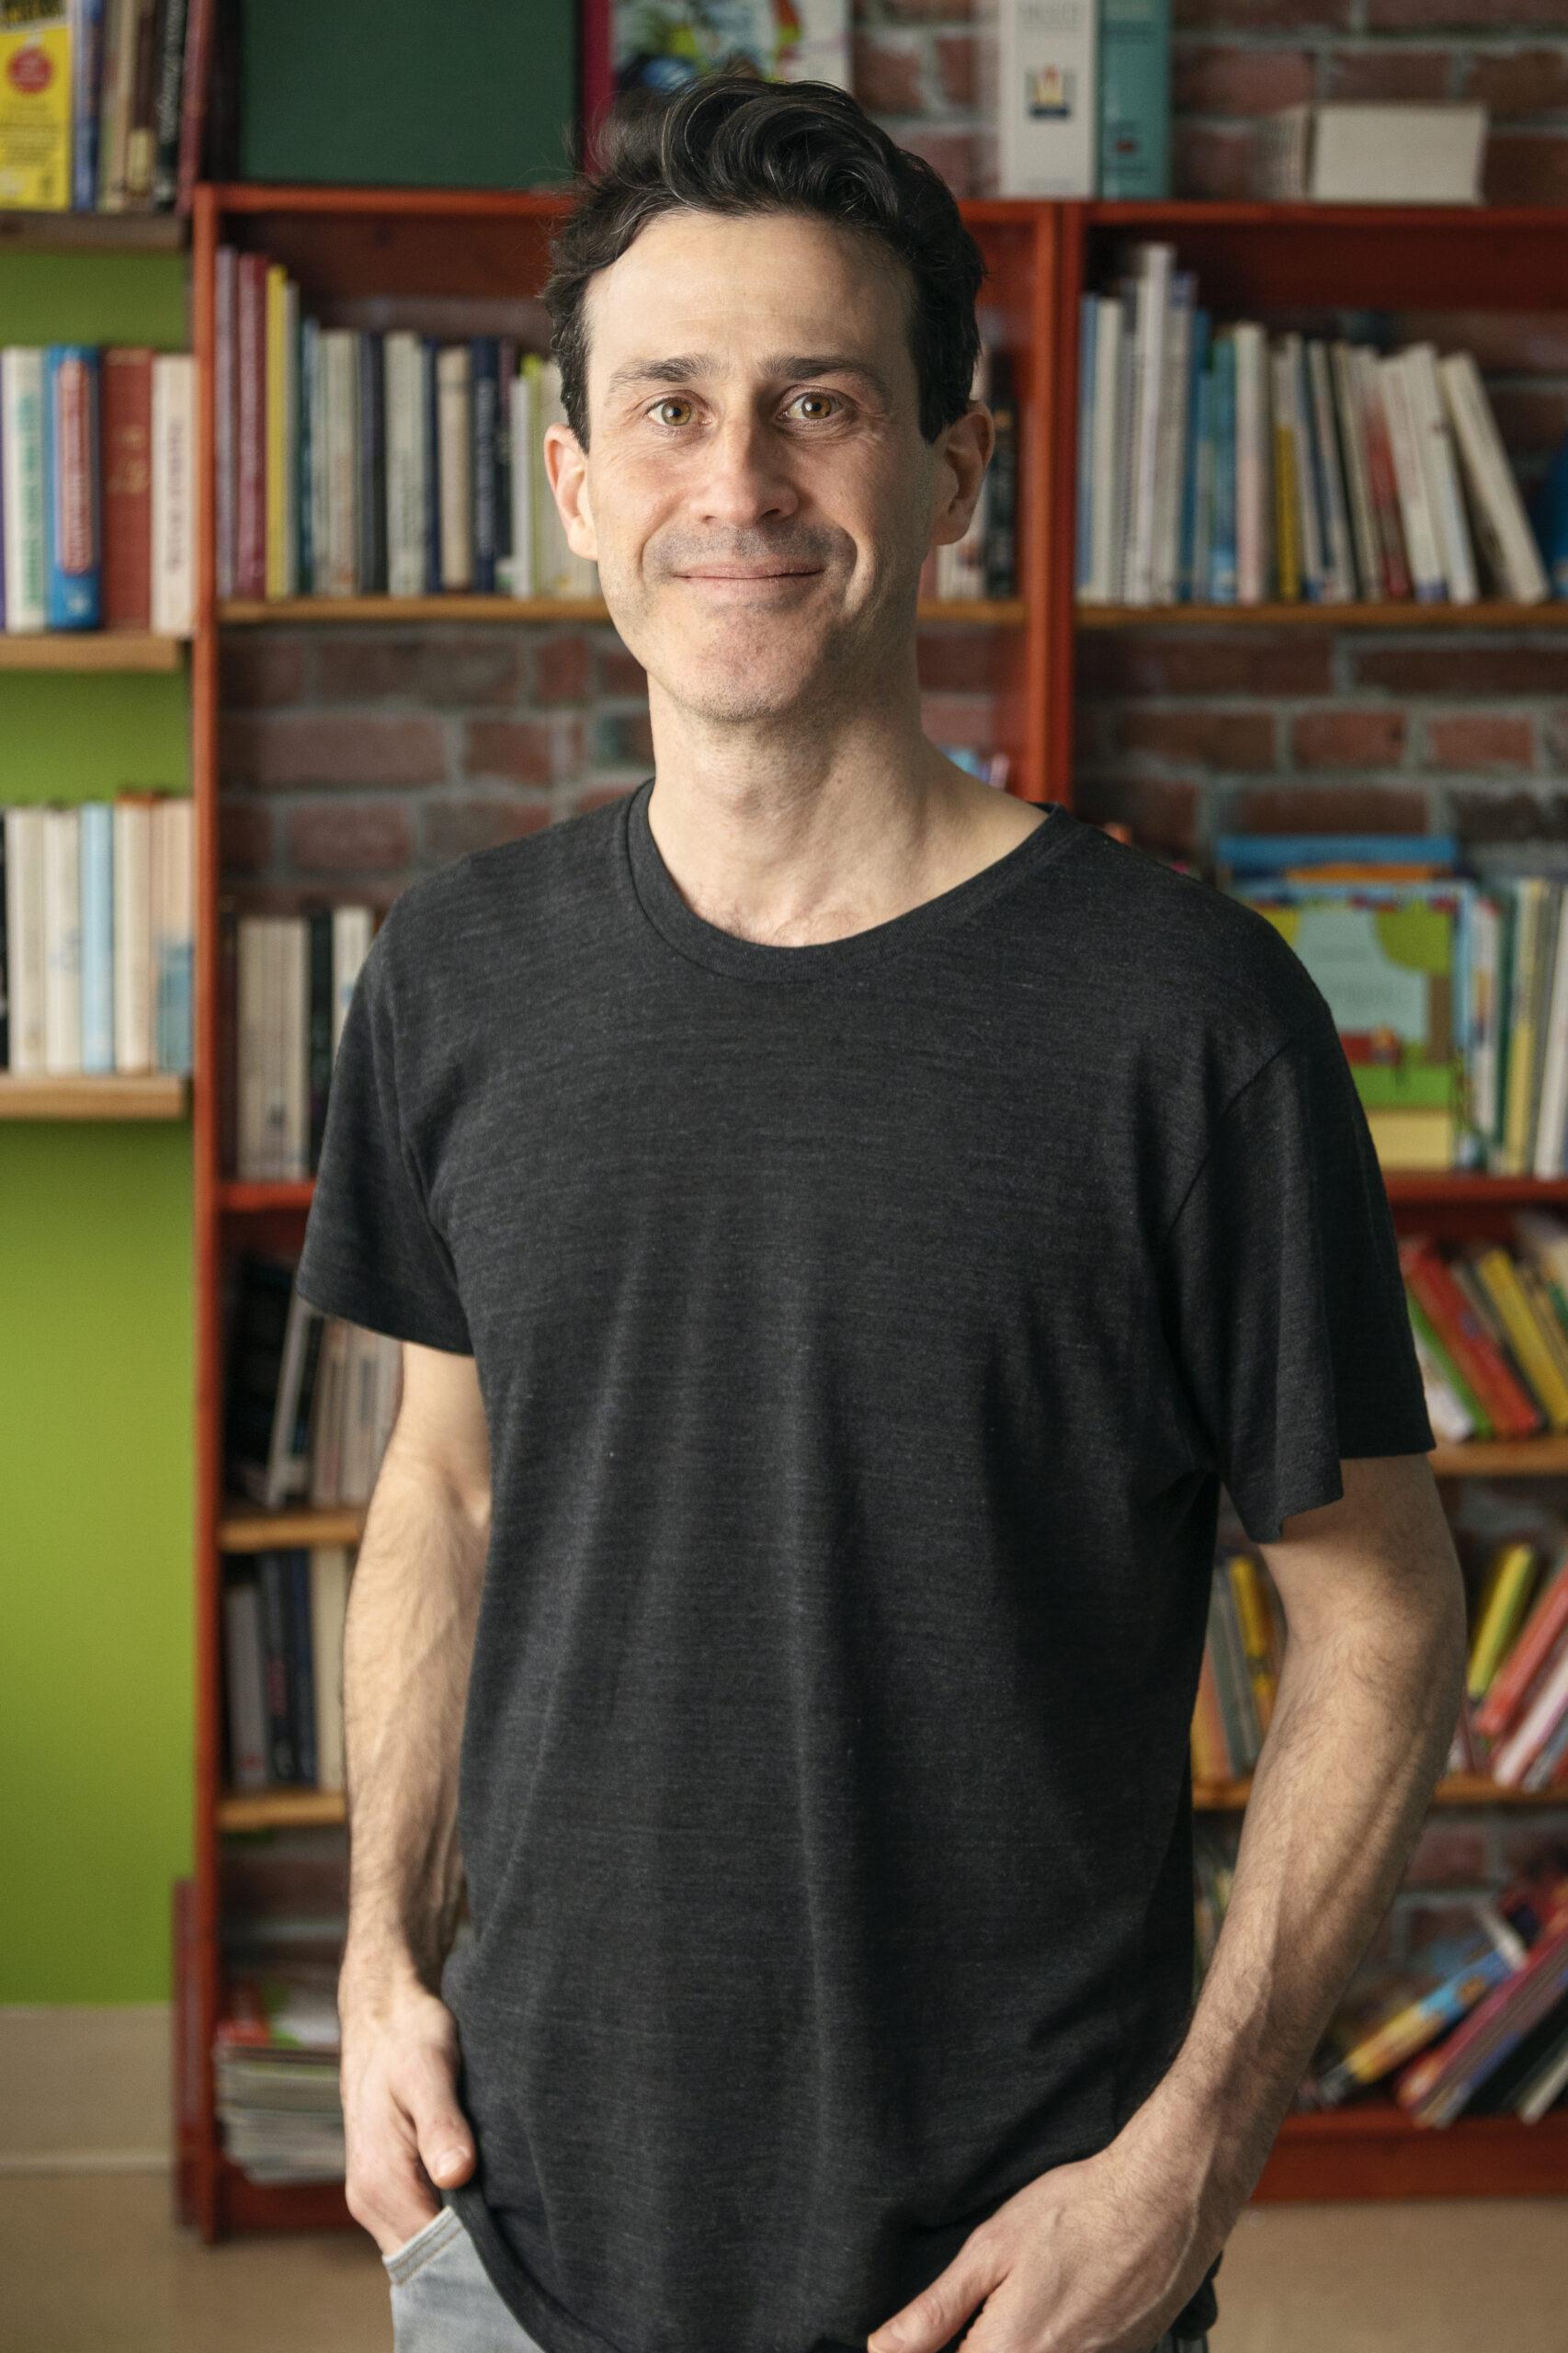 Daniel Lapalme